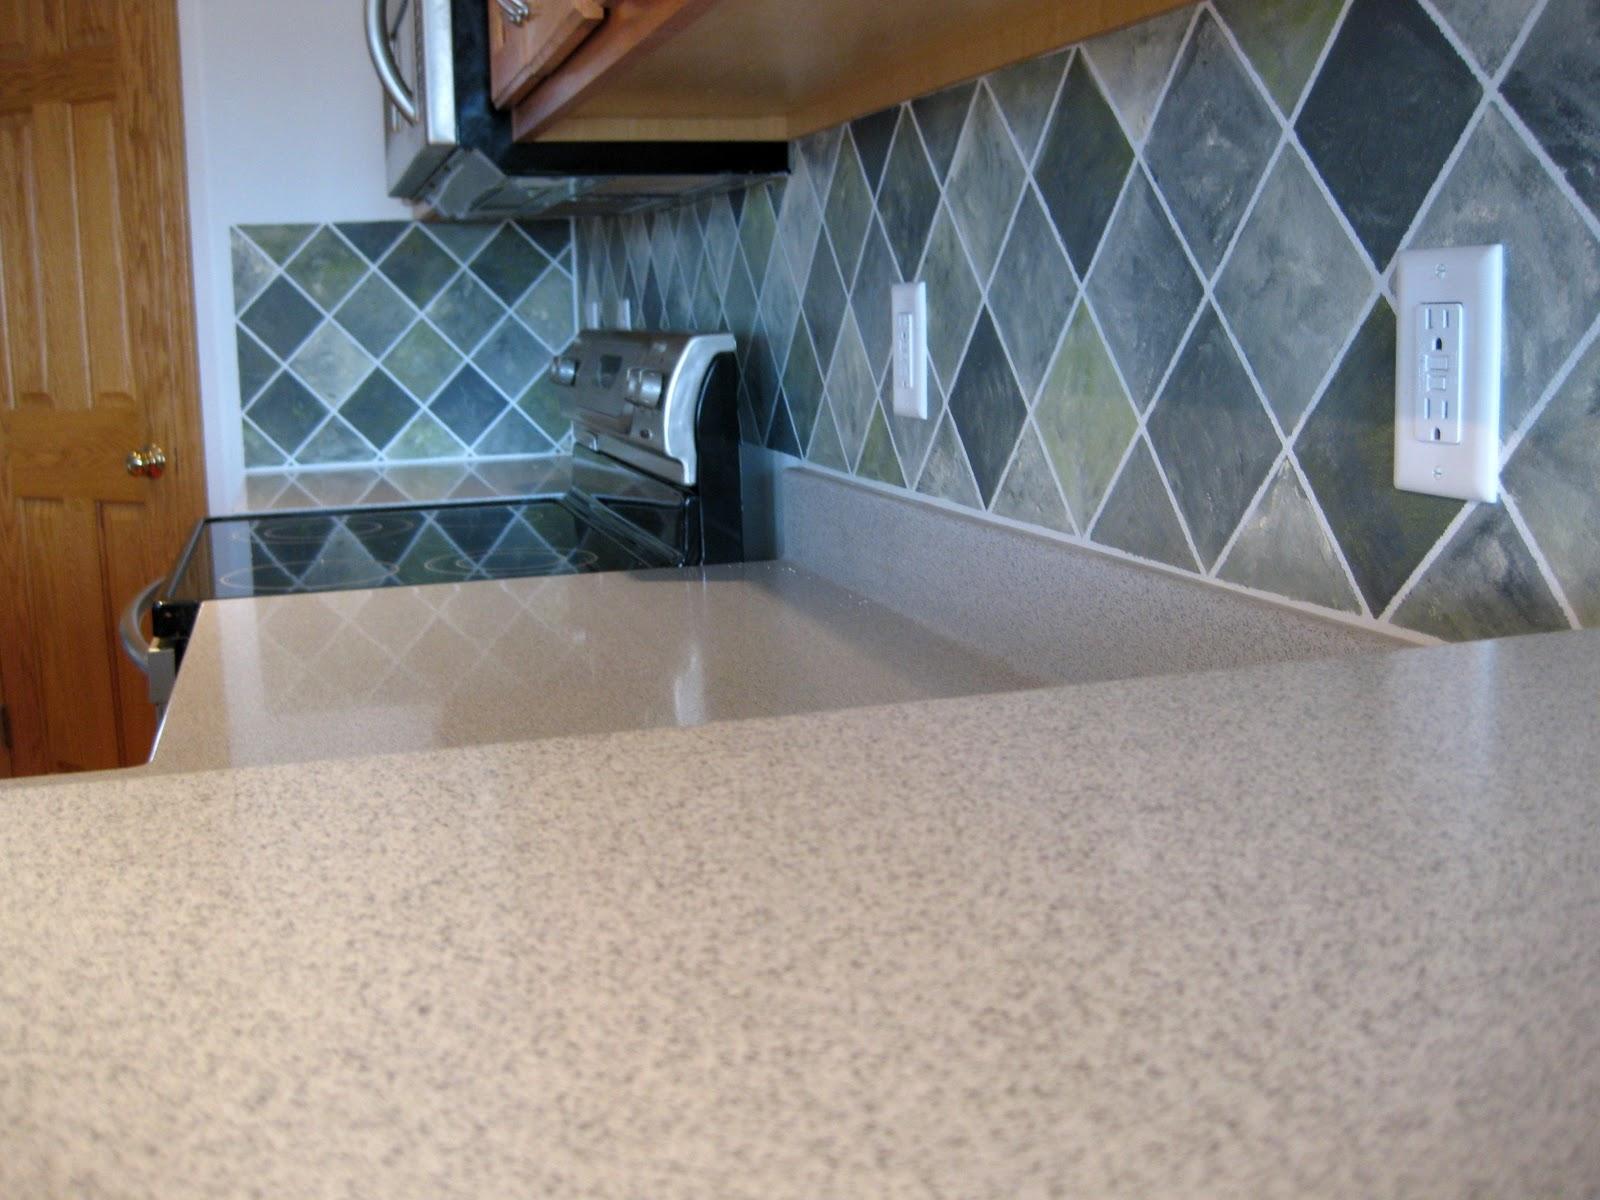 Faux Backsplash Ideas Part - 40: Faux Painted Tile Backsplash